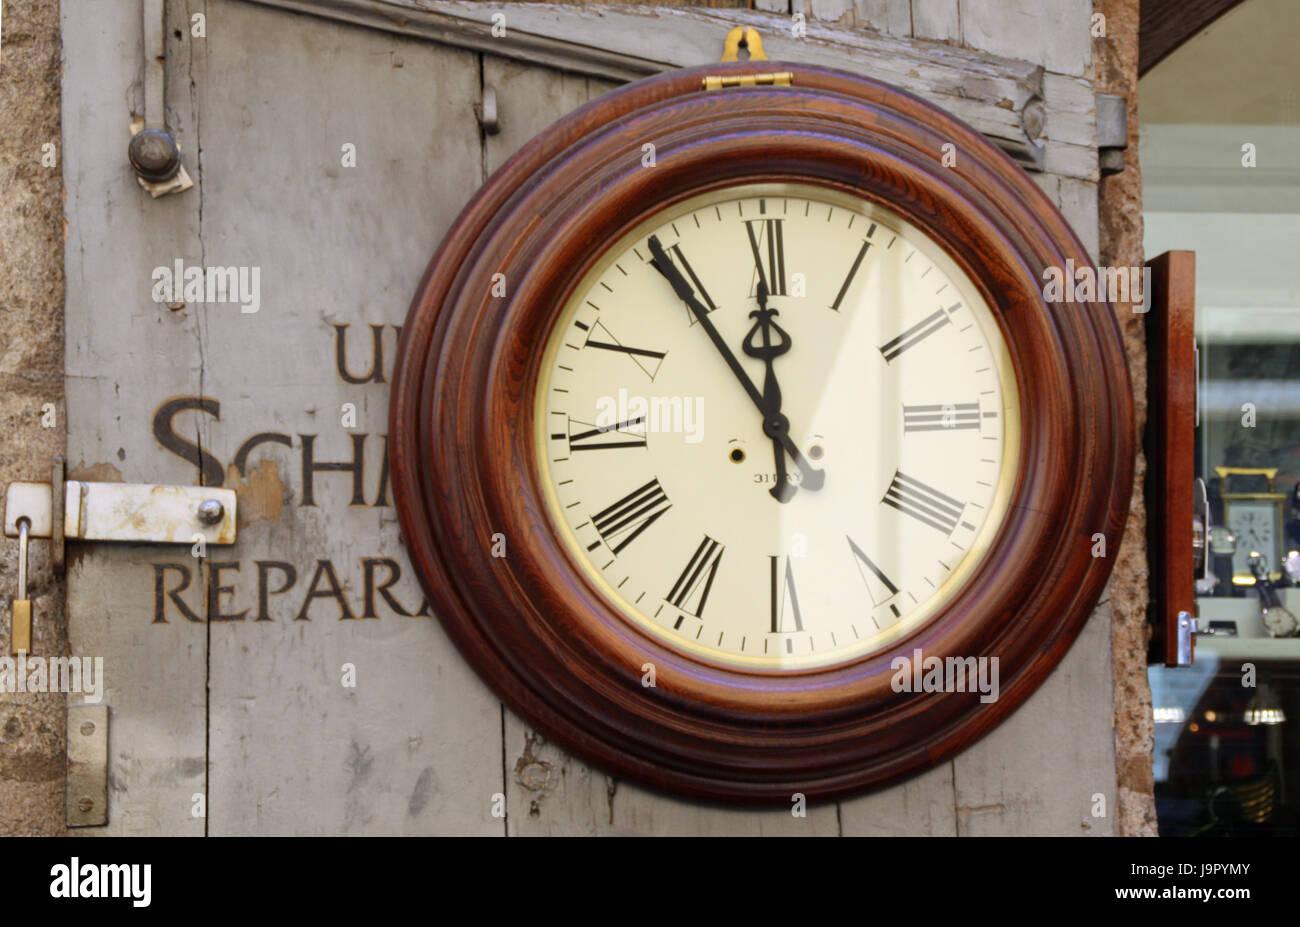 Uhr zeit uhrwerk wanduhr zeiger numerik zw lf optional f nf stockfoto bild 143719547 - Zeiger wanduhr ...